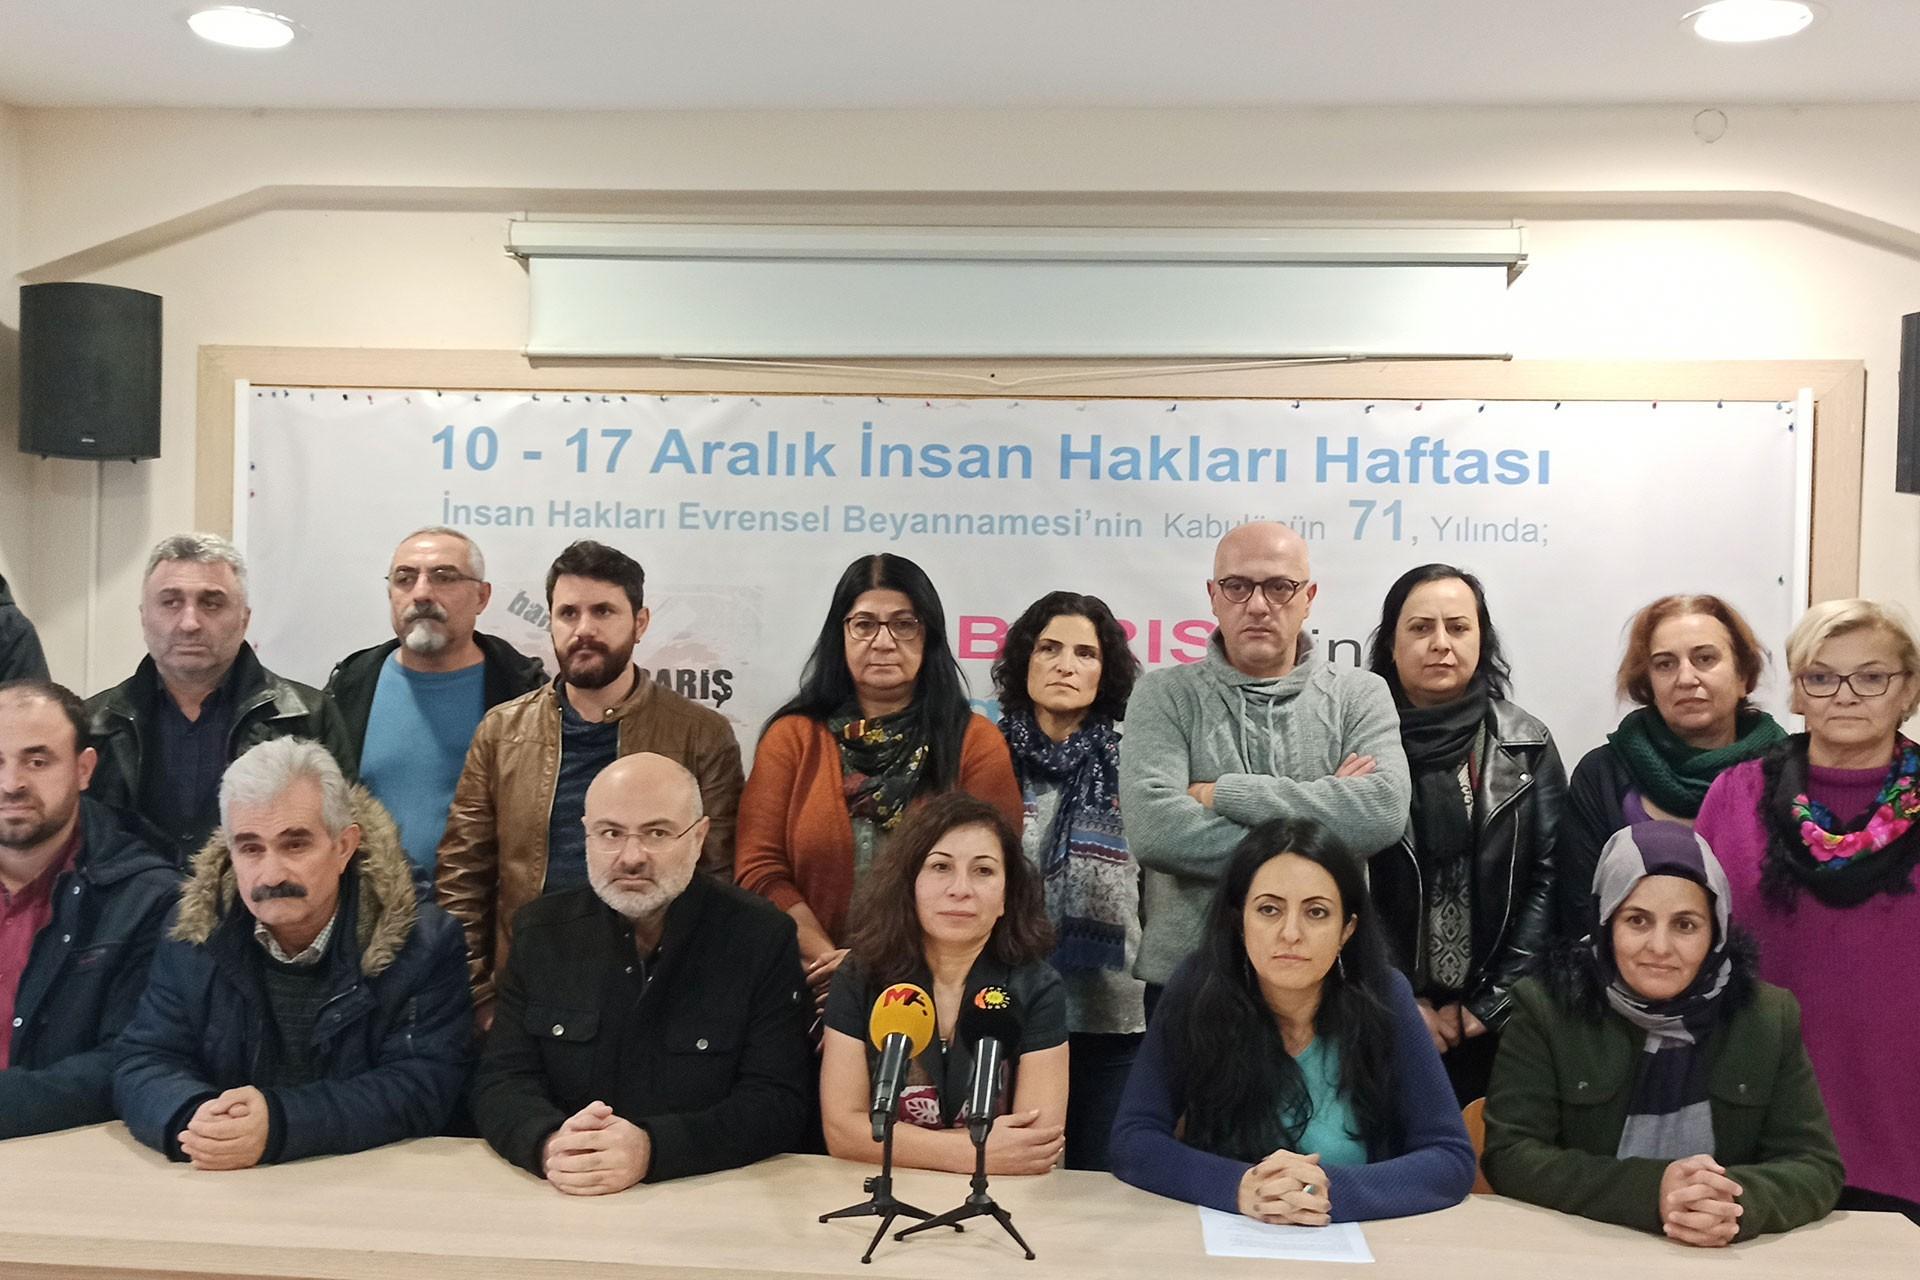 HDP İstanbul İl Örgütü üyeleri